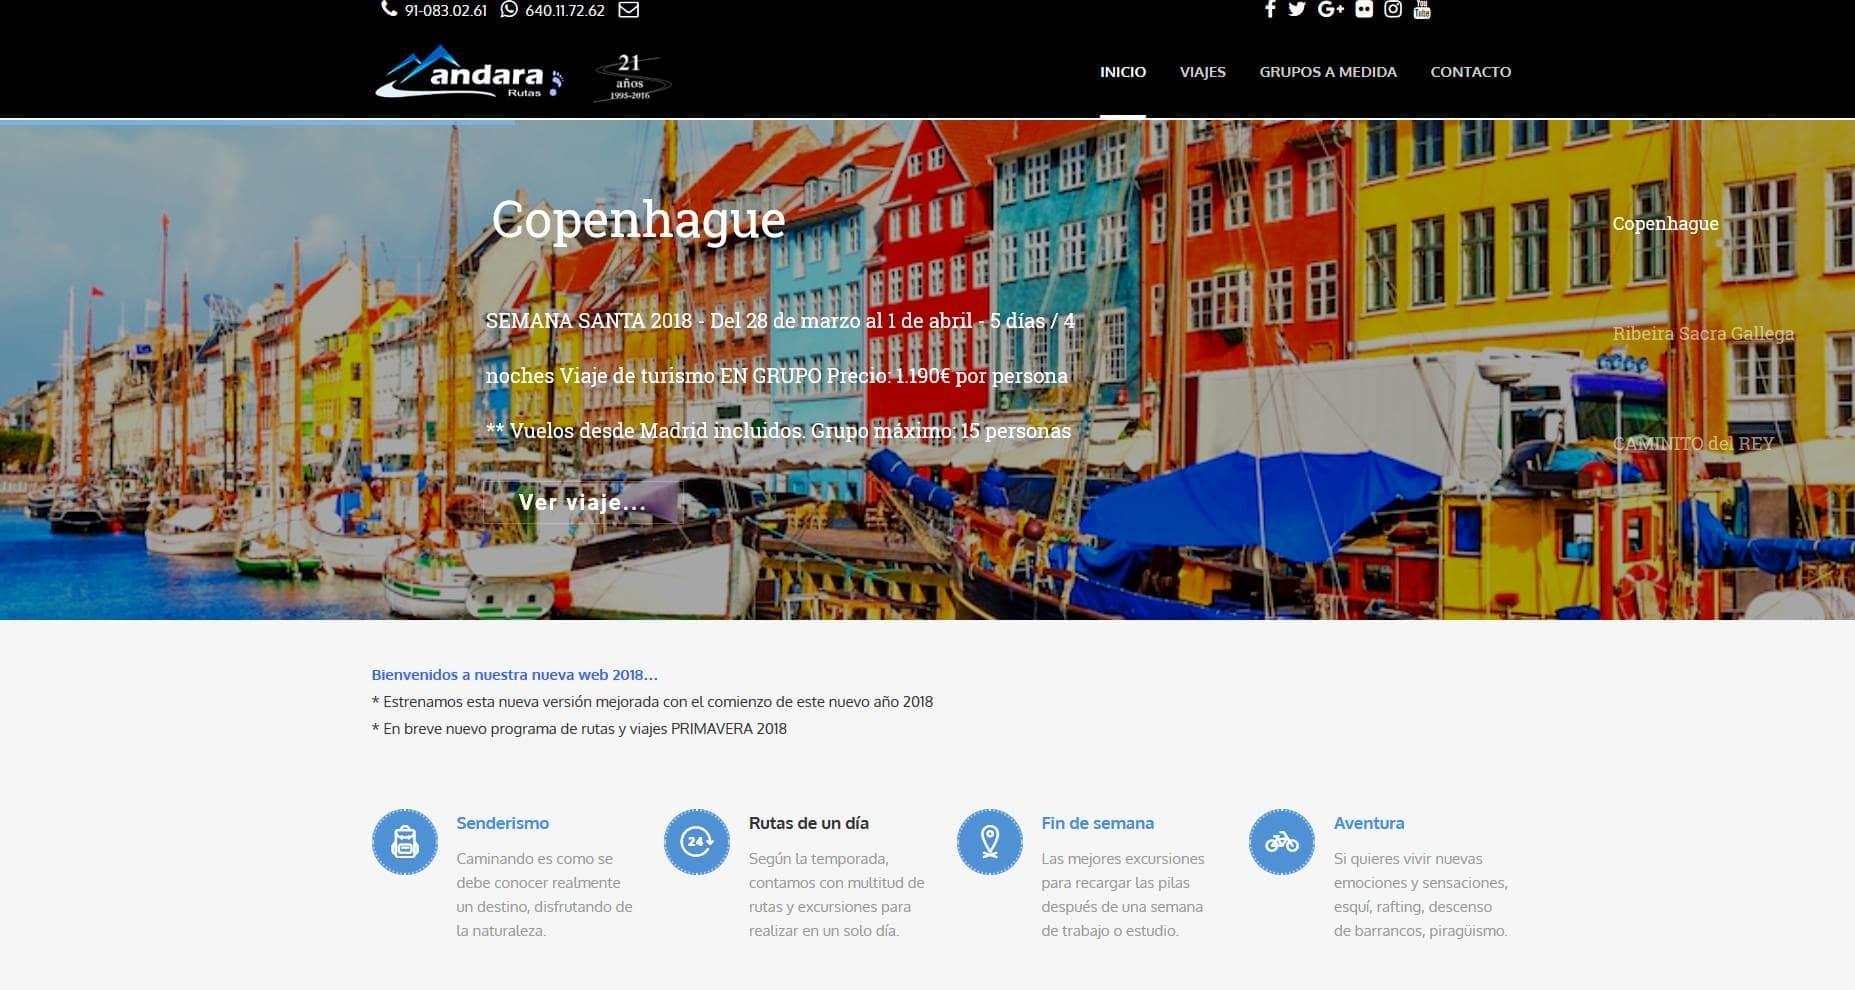 pagina web viajes senderismo Diseño paginas web